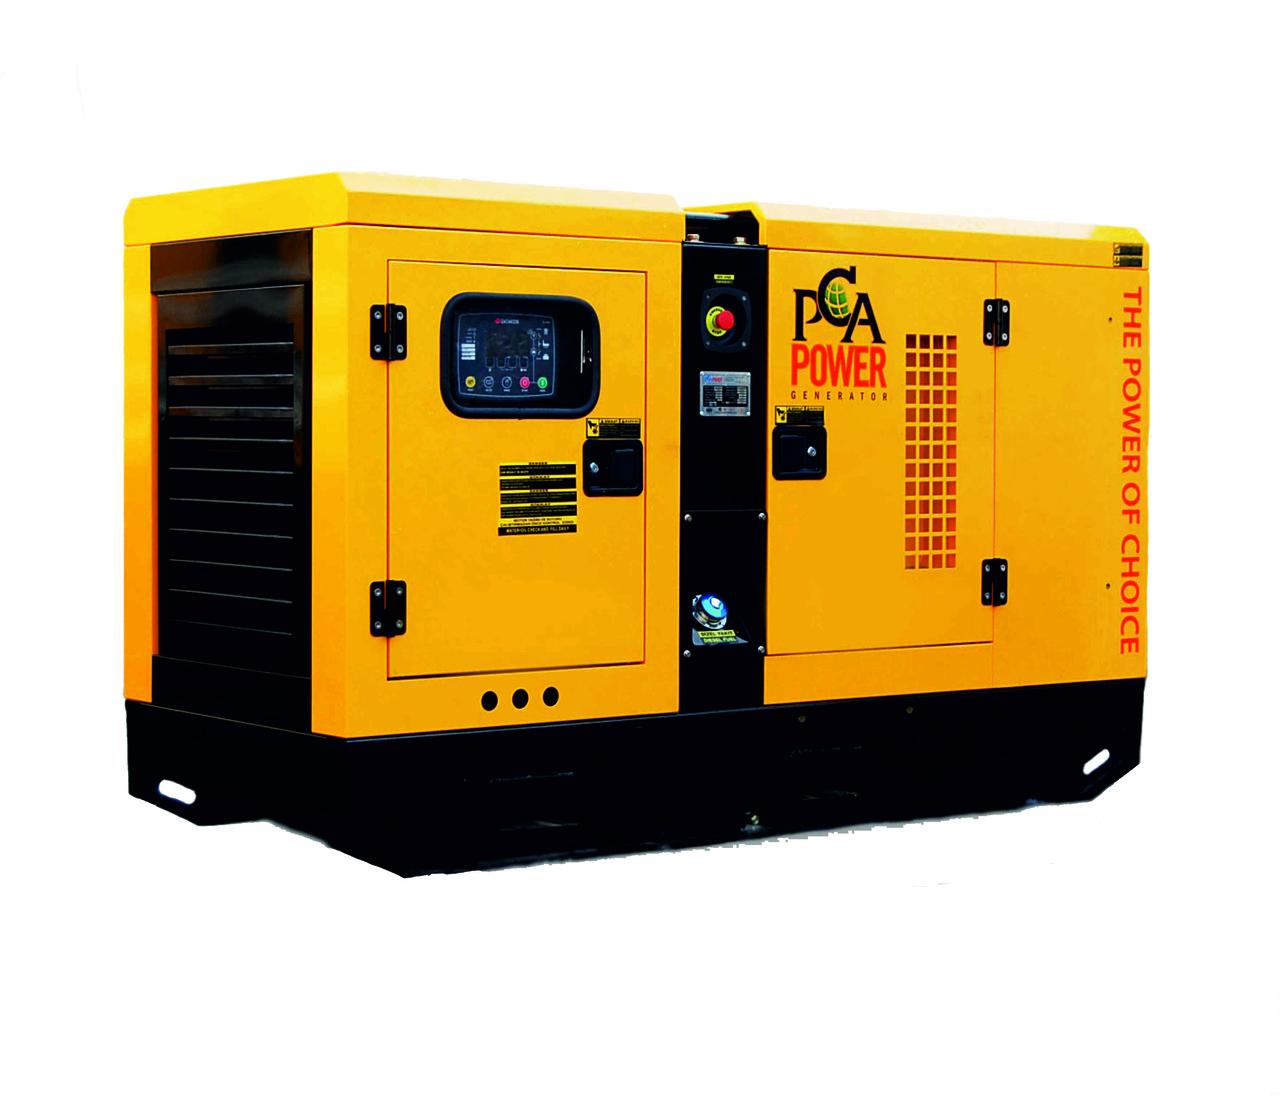 Дизельные генератор пр Турция в кожухе от 10 кВт до 3000 кВт